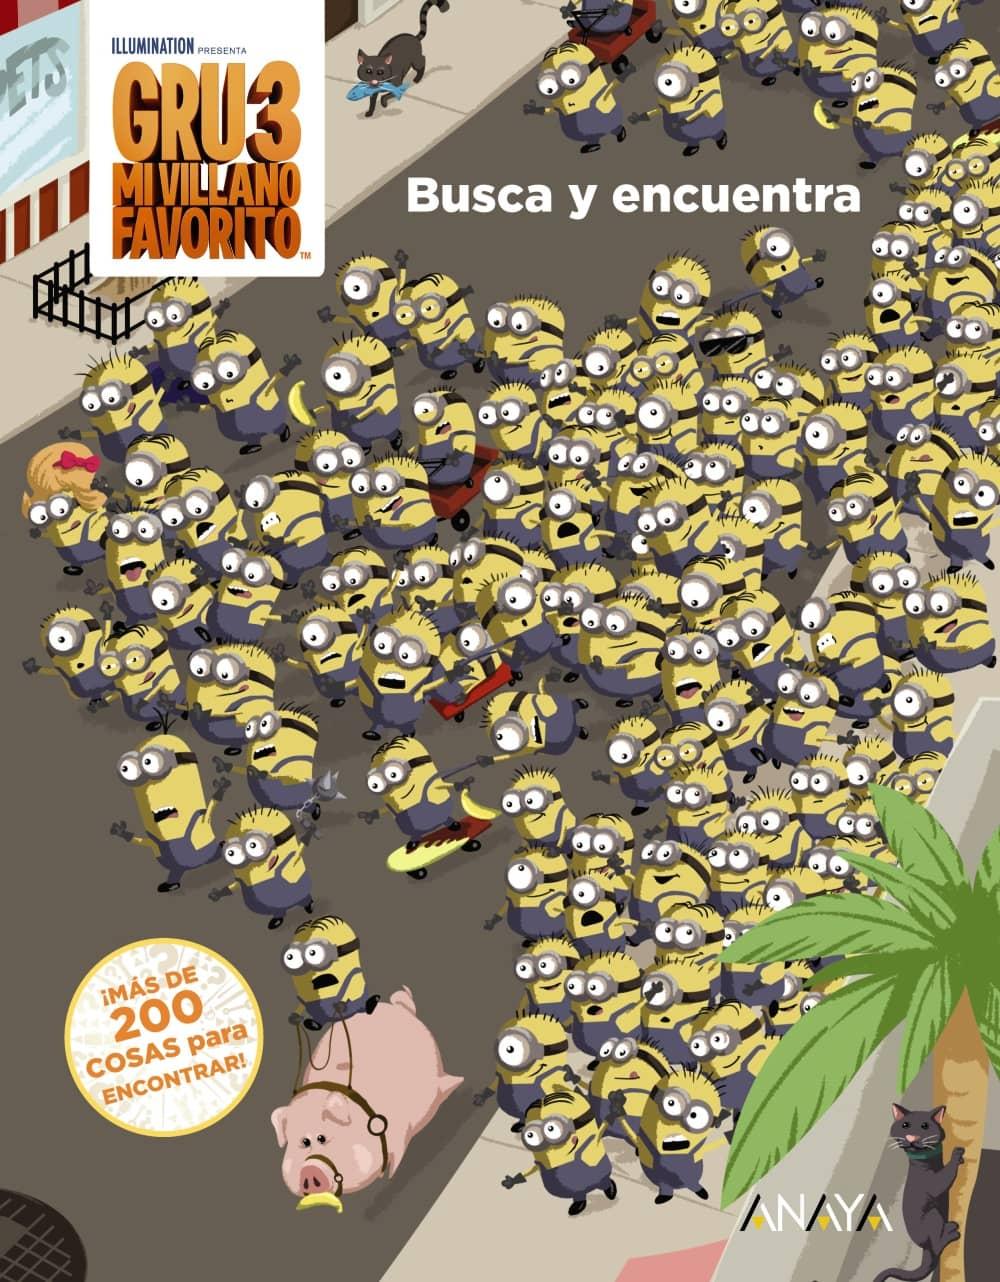 BUSCA Y ENCUENTRA  (GRU MI VILLANO FAVORITO 3)